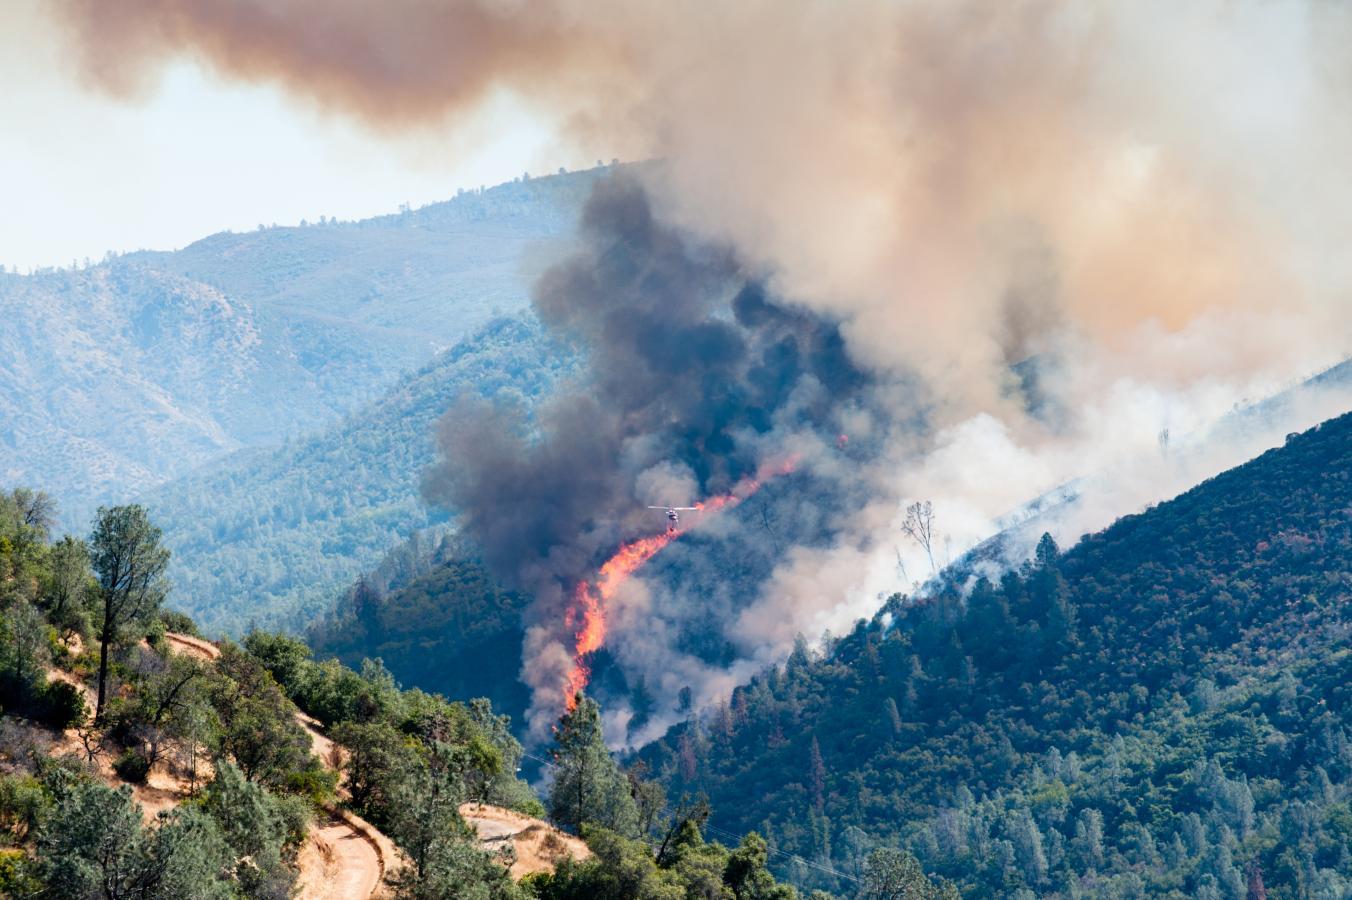 نابودی ۱/۷ میلیون هکتار از اراضی جنگلی بولیوی بر اثر آتشسوزی